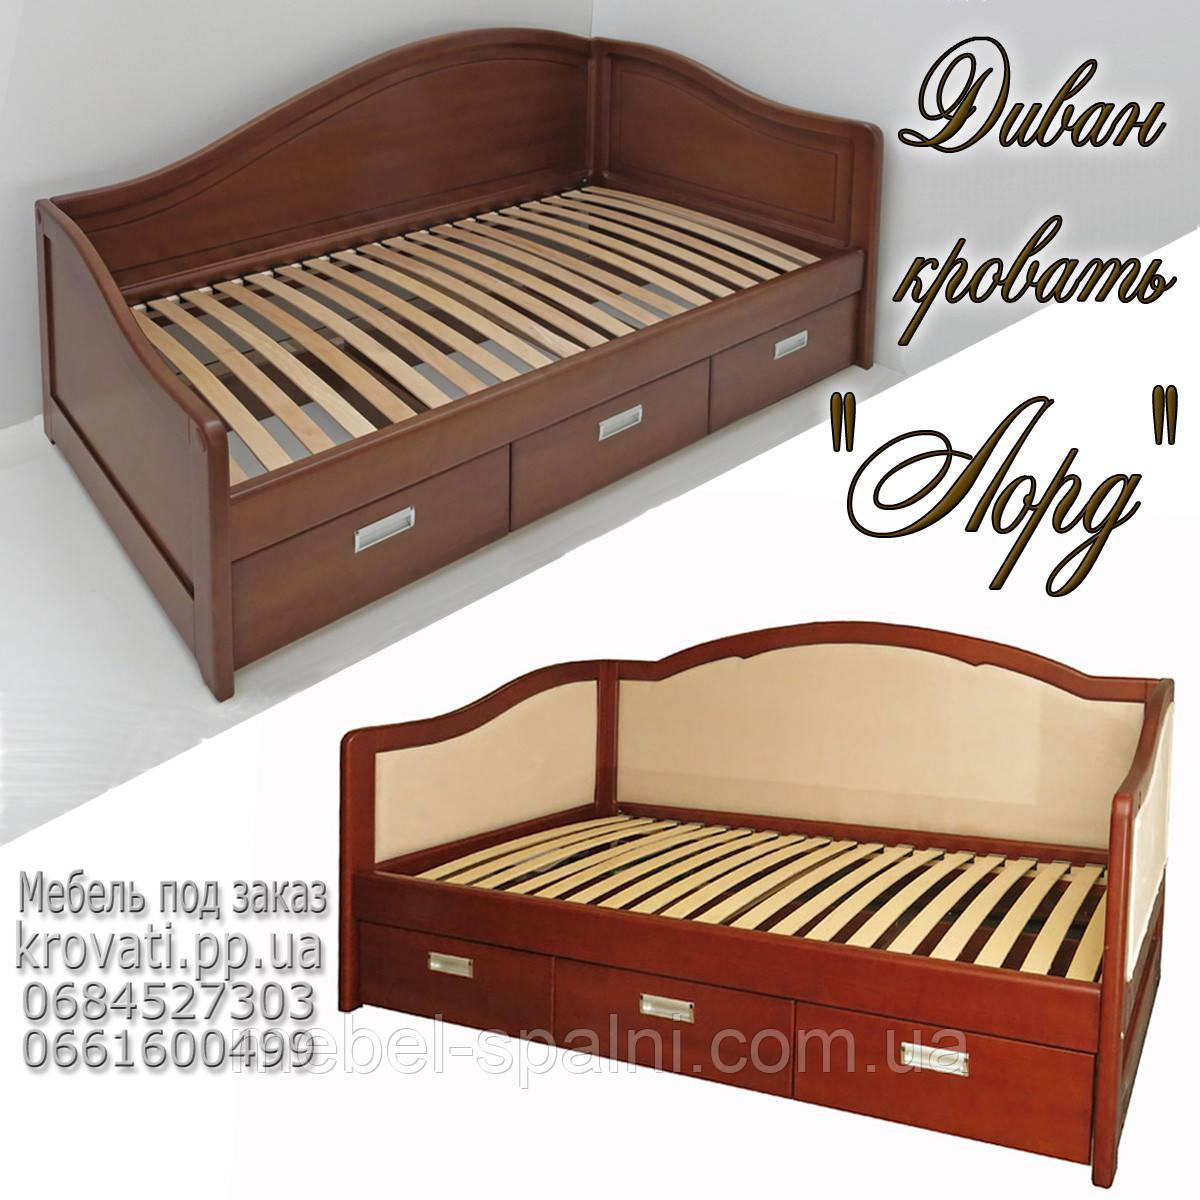 Кровать деревянная «Лорд»